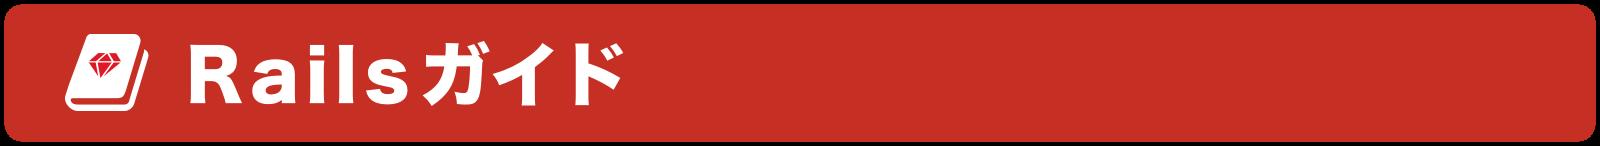 Railsガイド_ロゴ画像